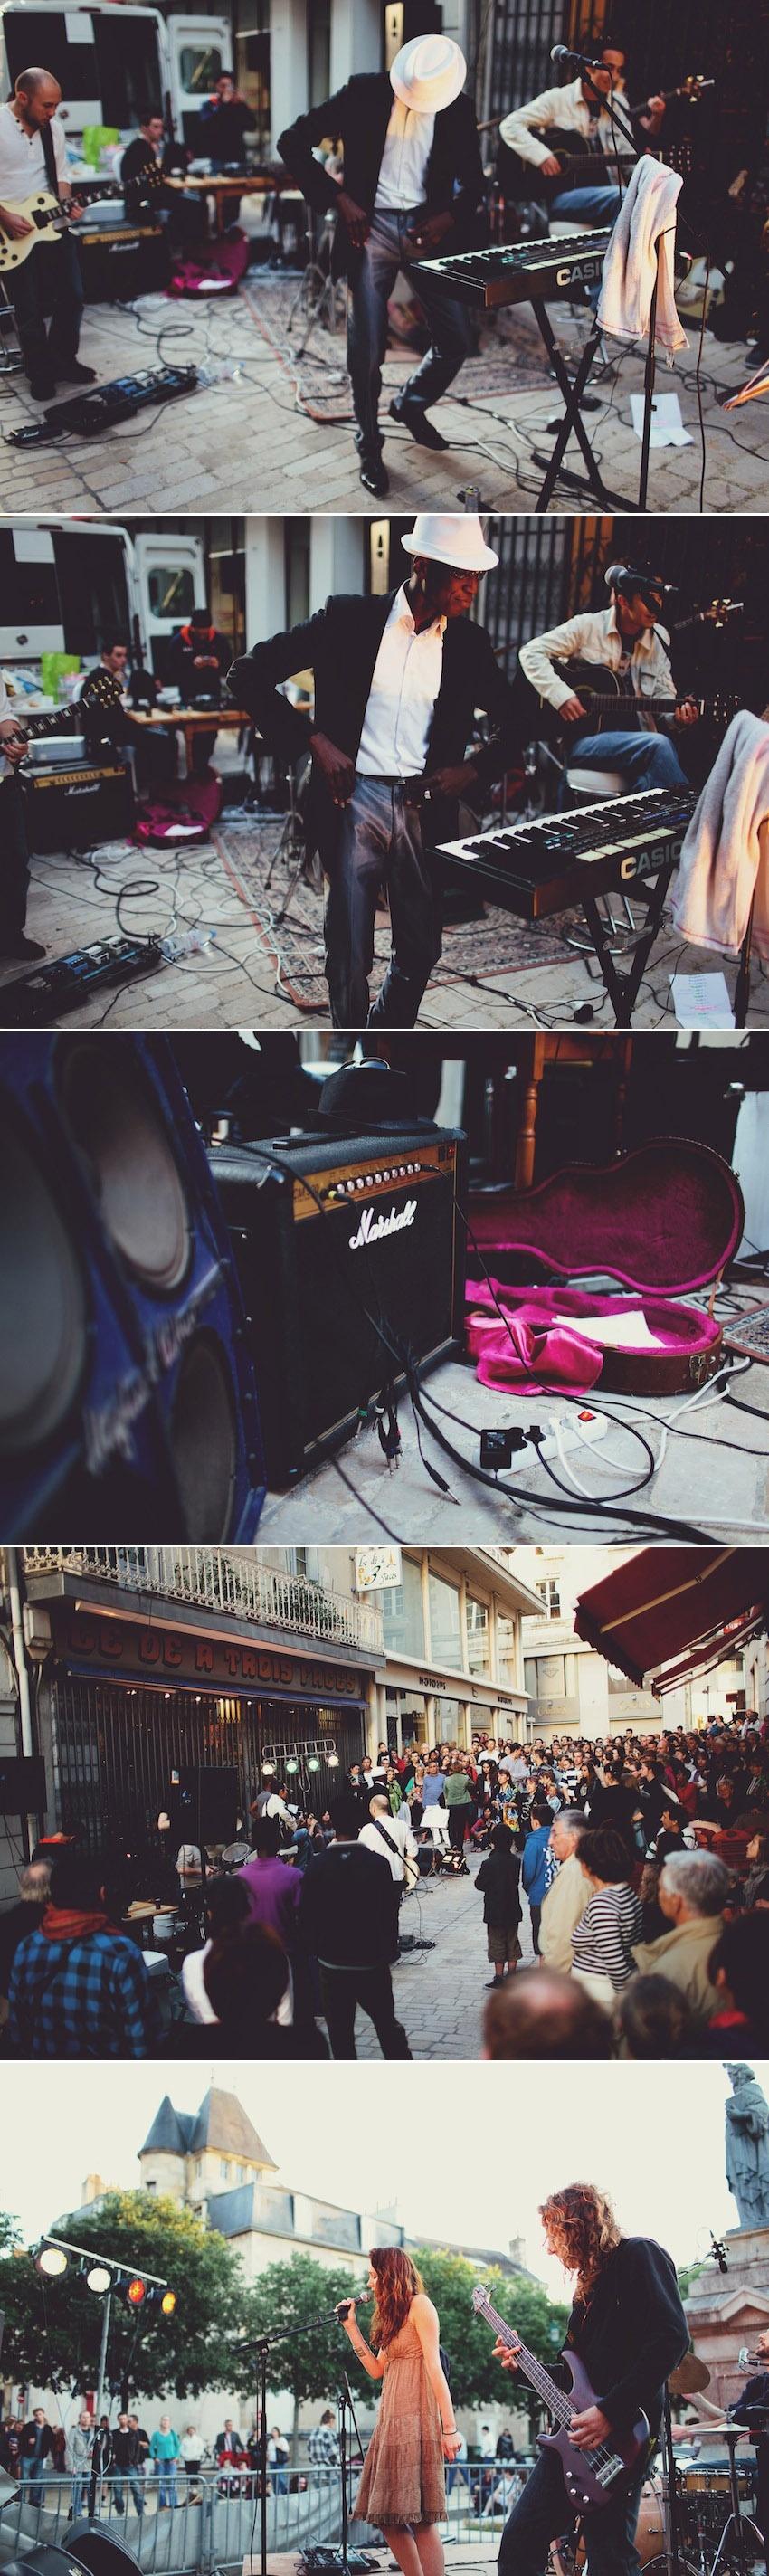 fête de la musique 2012 à Poitiers